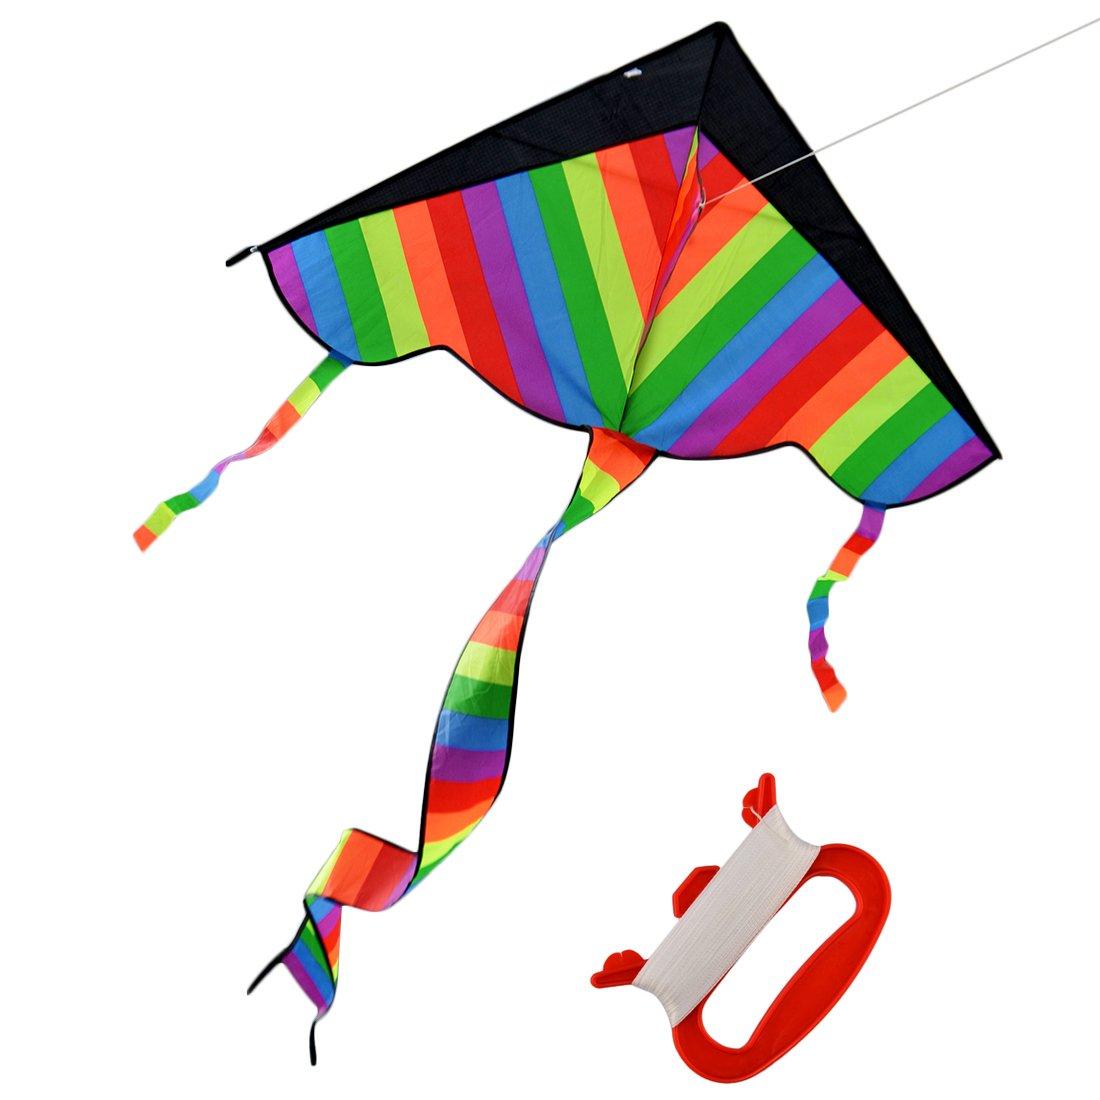 arcobaleno Aquiloni, Hipsteen 113 * 62cm Sky Dancer Outdoor giocattolo Kite poliestere 600D in fibra di vetro triangolo Aquilone con Long Tail